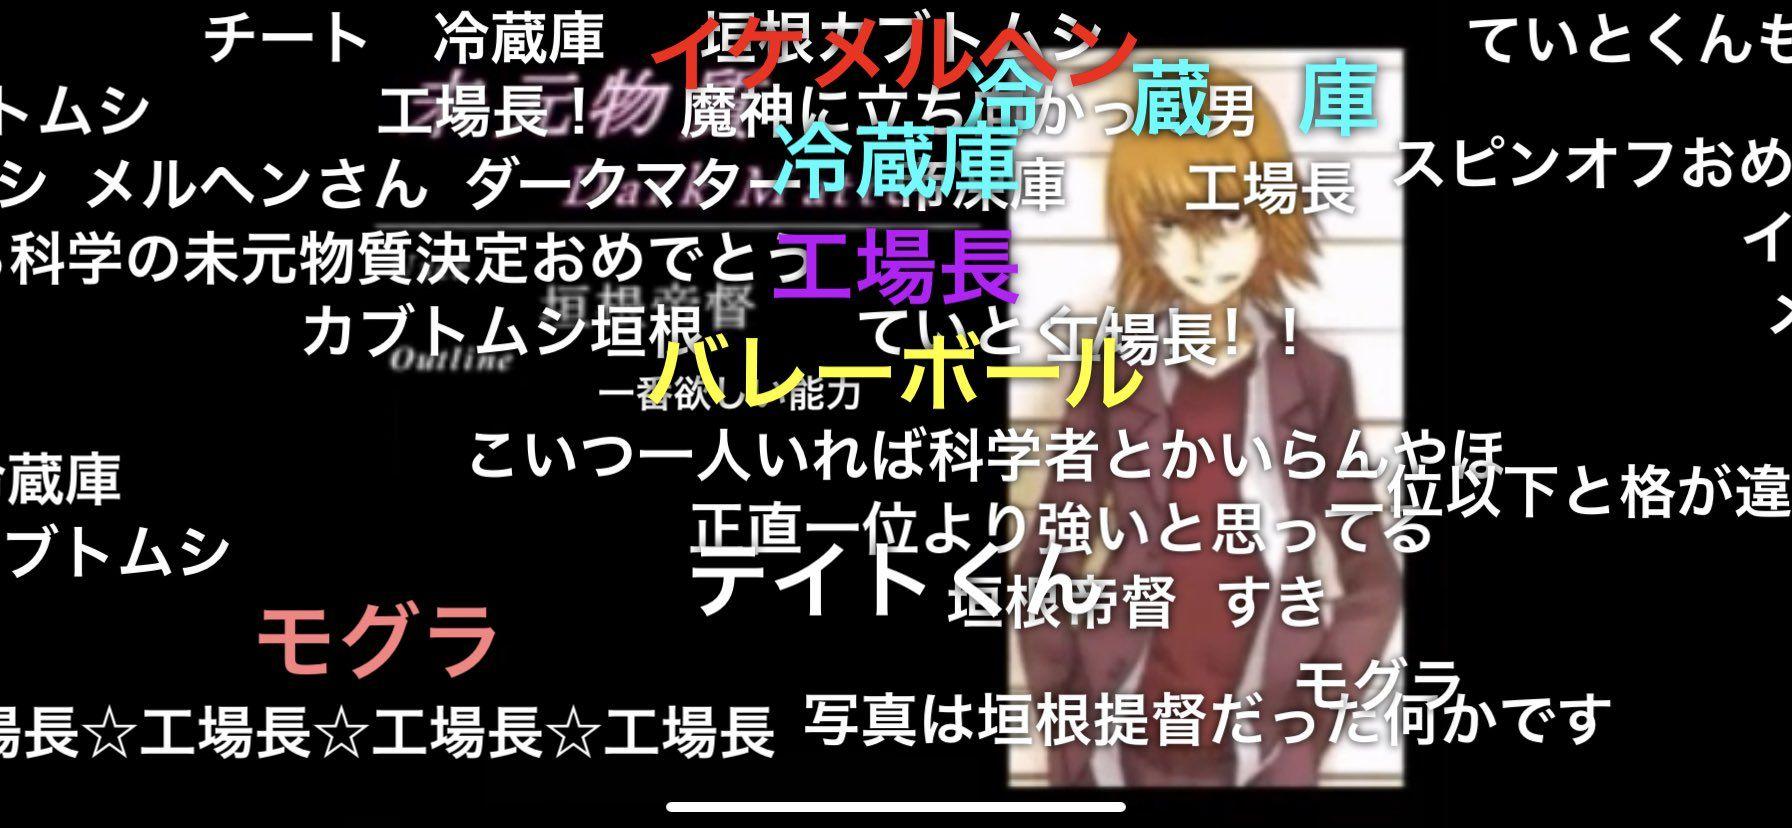 もりしー on Twitter: